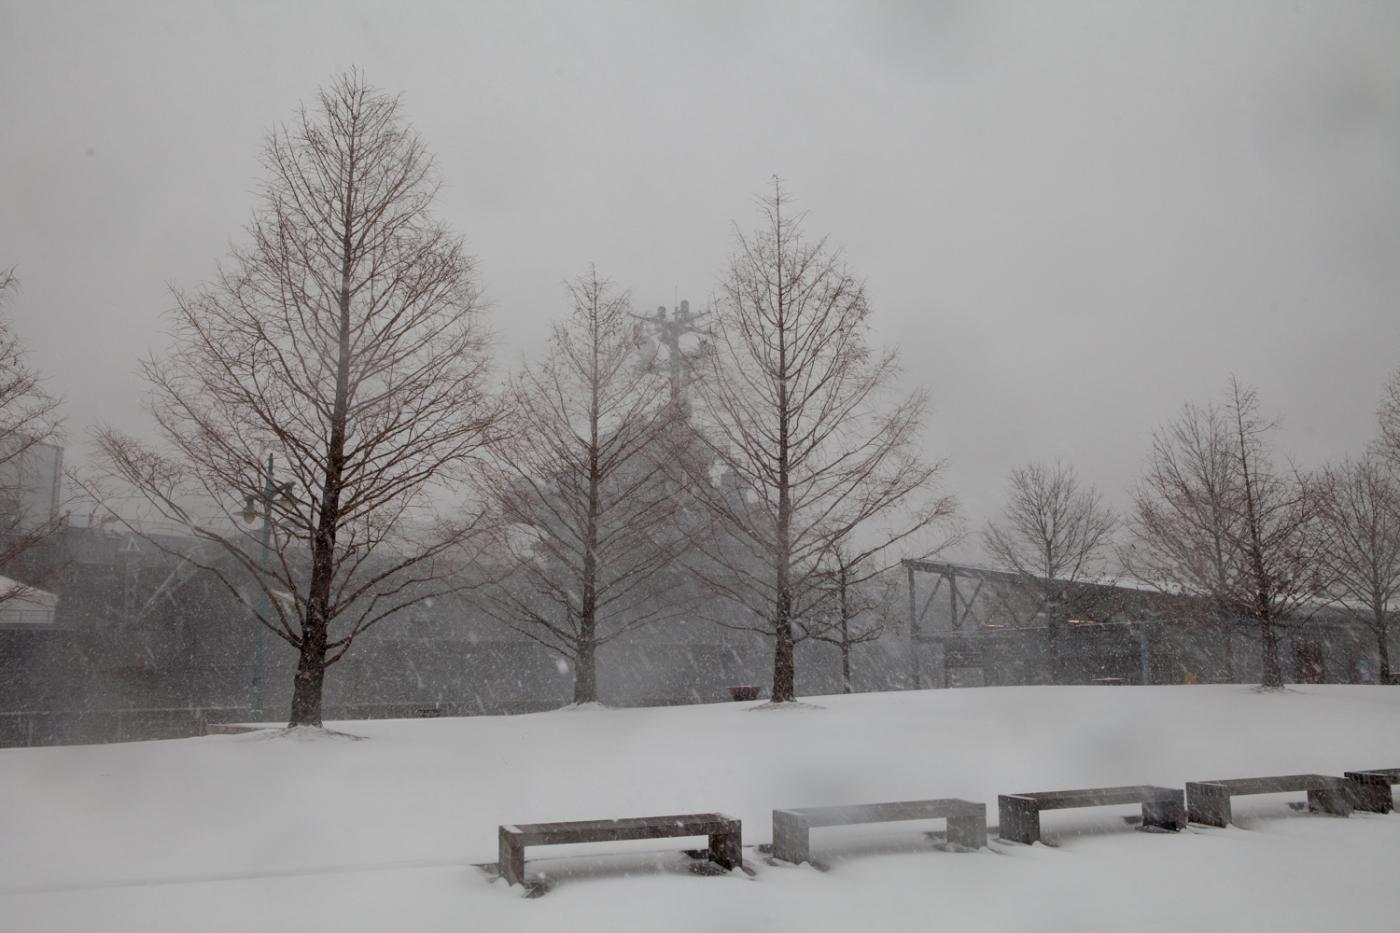 河岸公园看暴雪初起150126下午